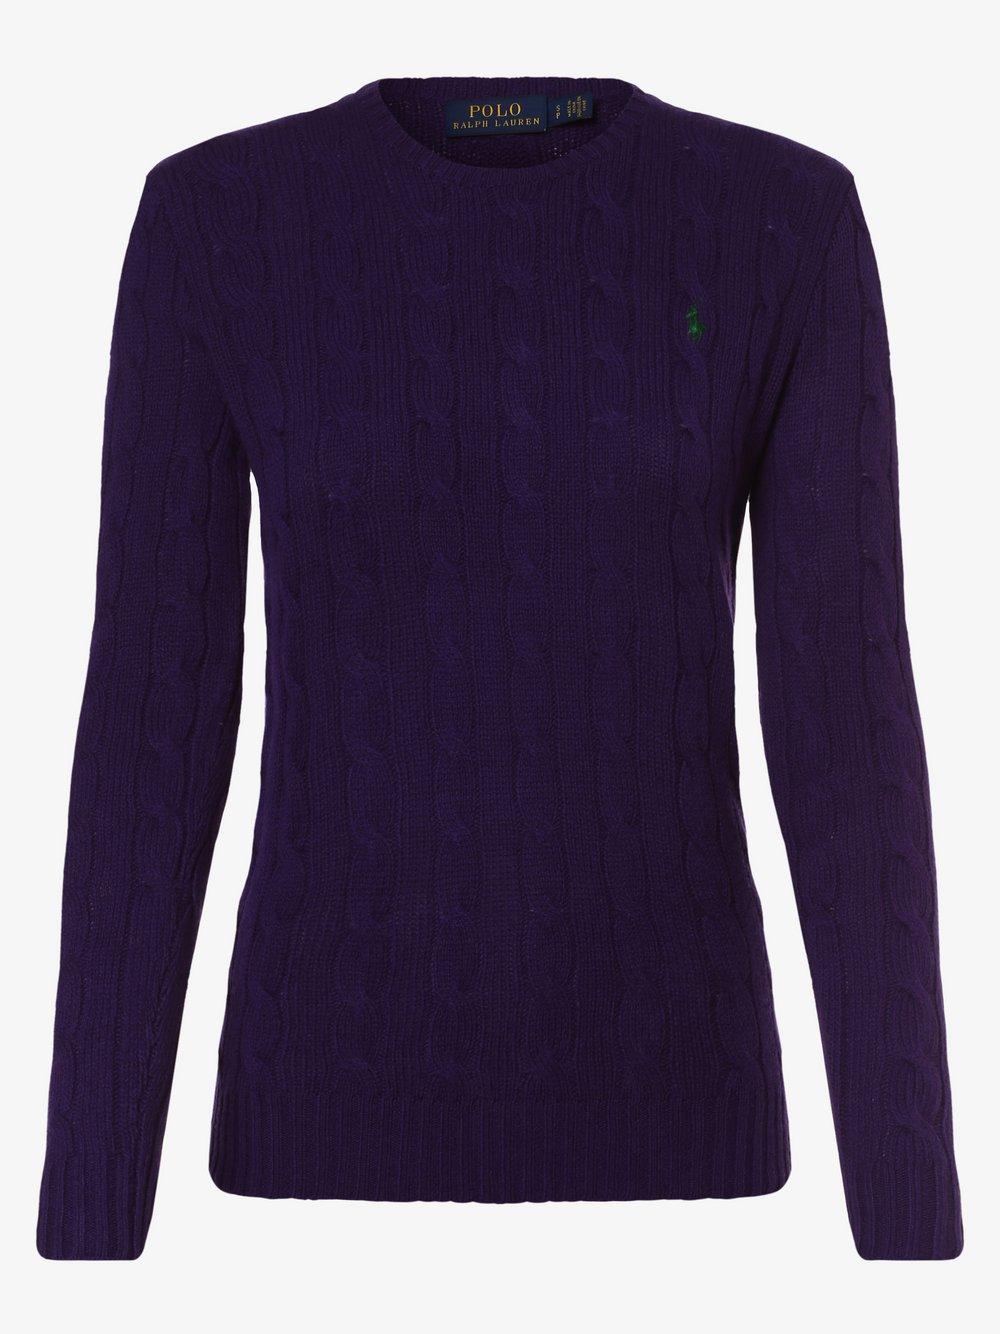 Polo Ralph Lauren - Sweter damski z mieszanki wełny merino i kaszmiru, lila